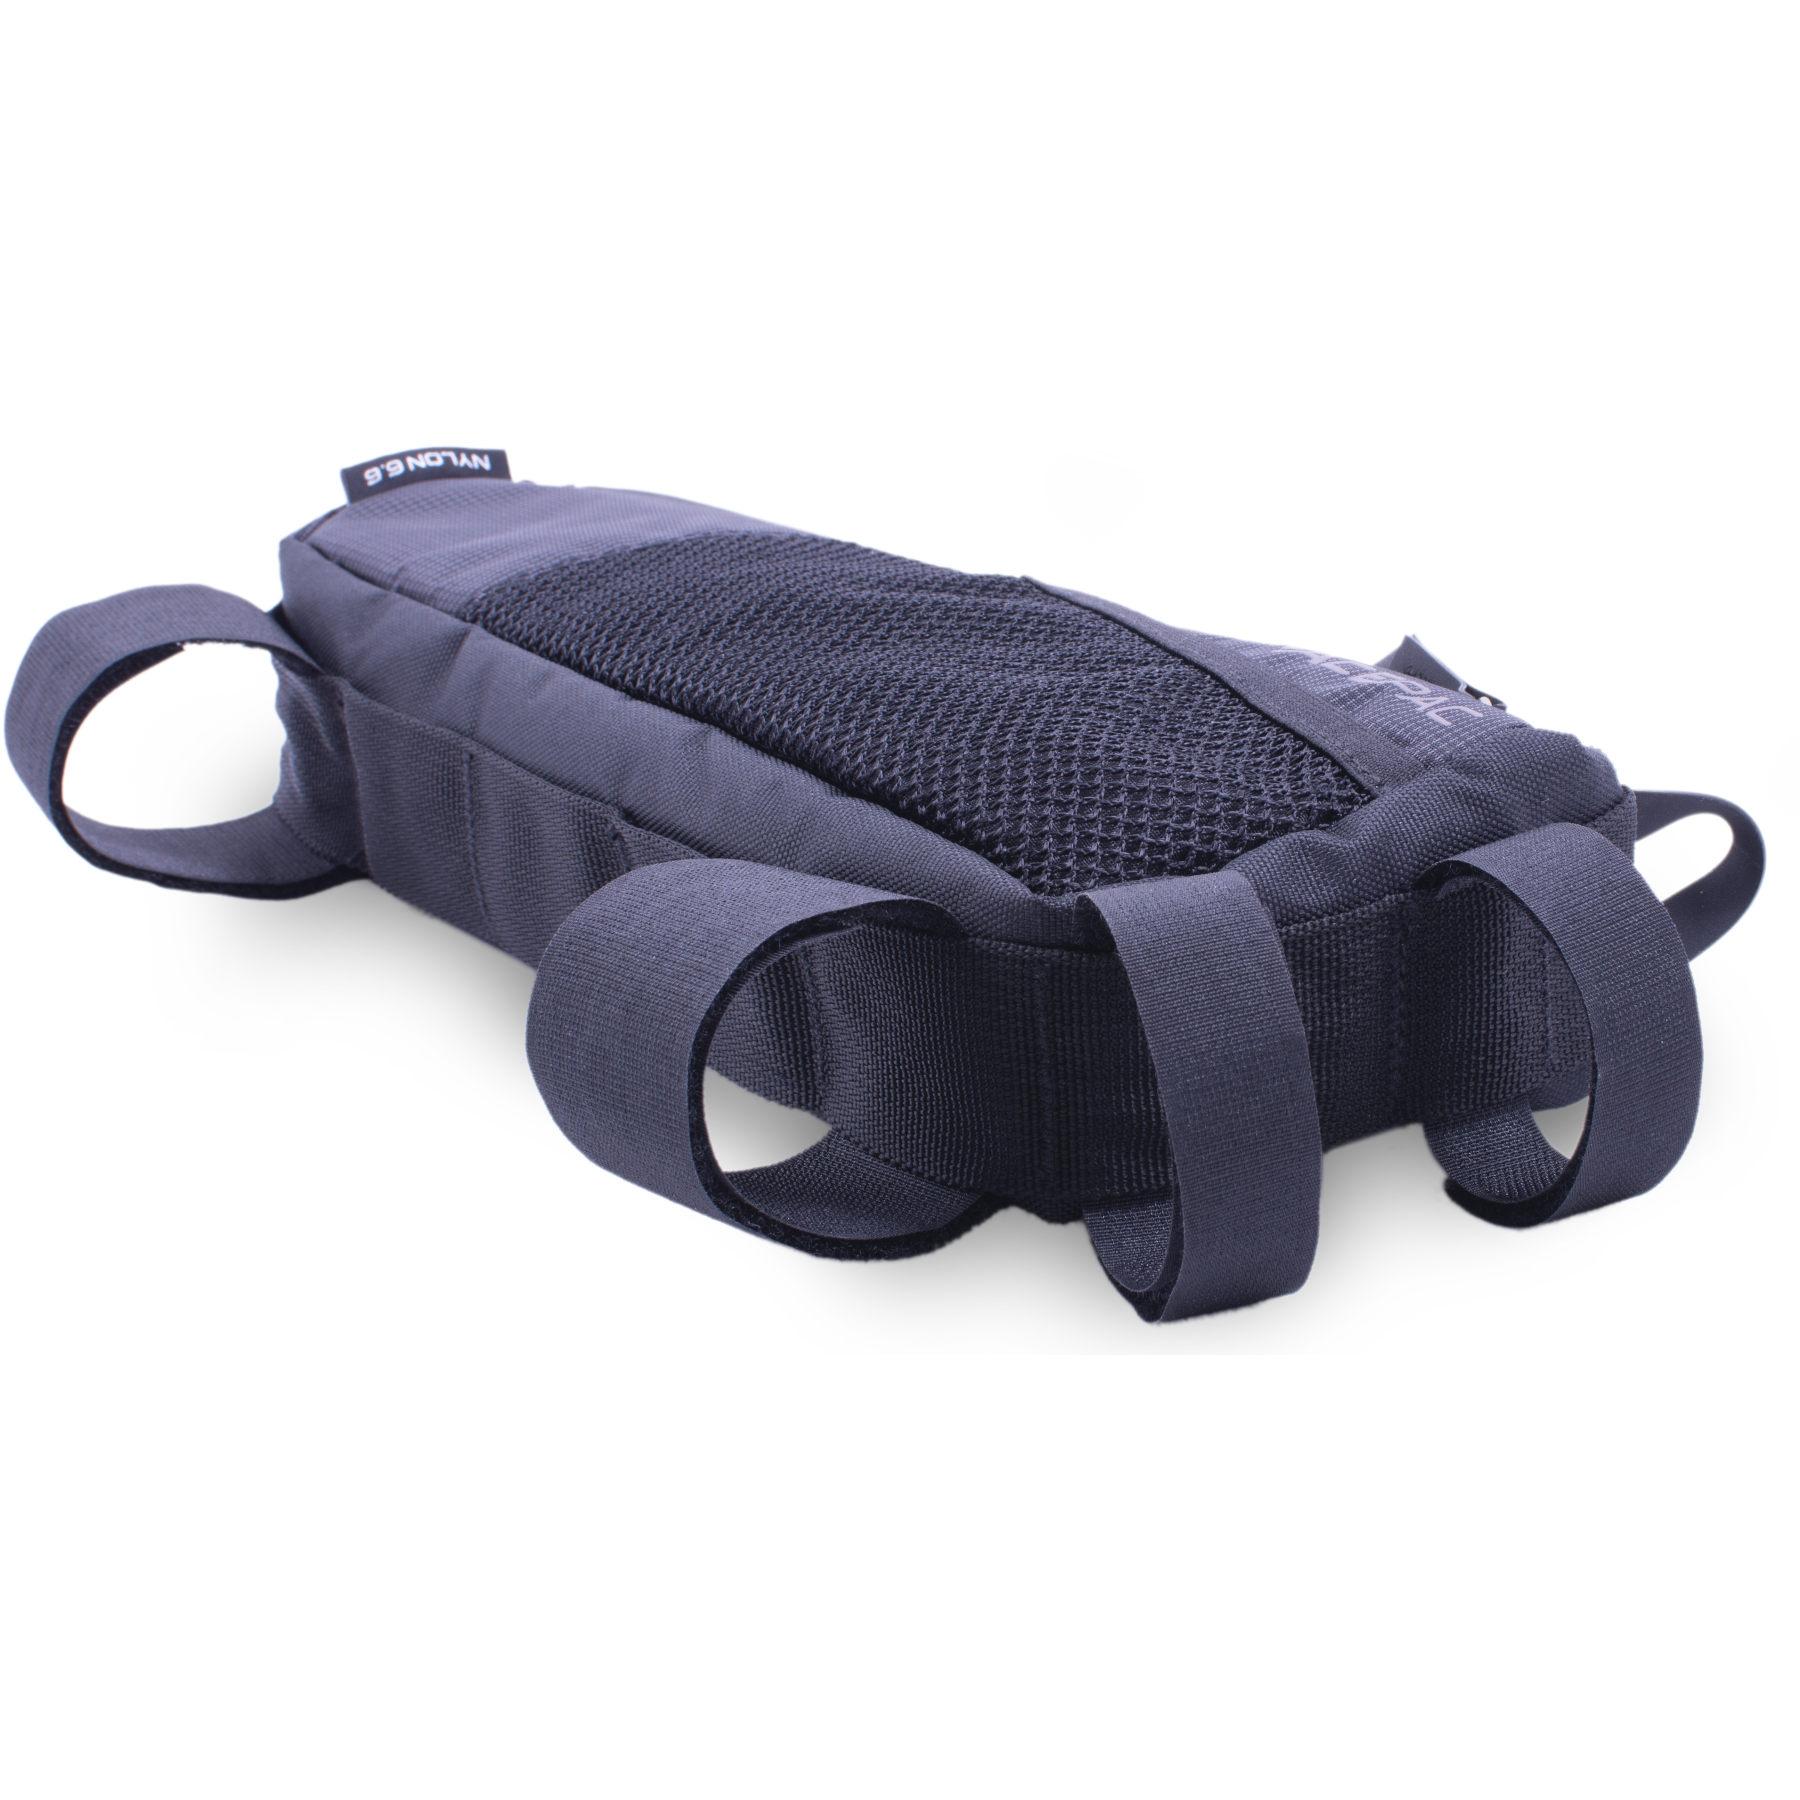 Image of Acepac Fuel Bag - Frame Bag Size L - grey